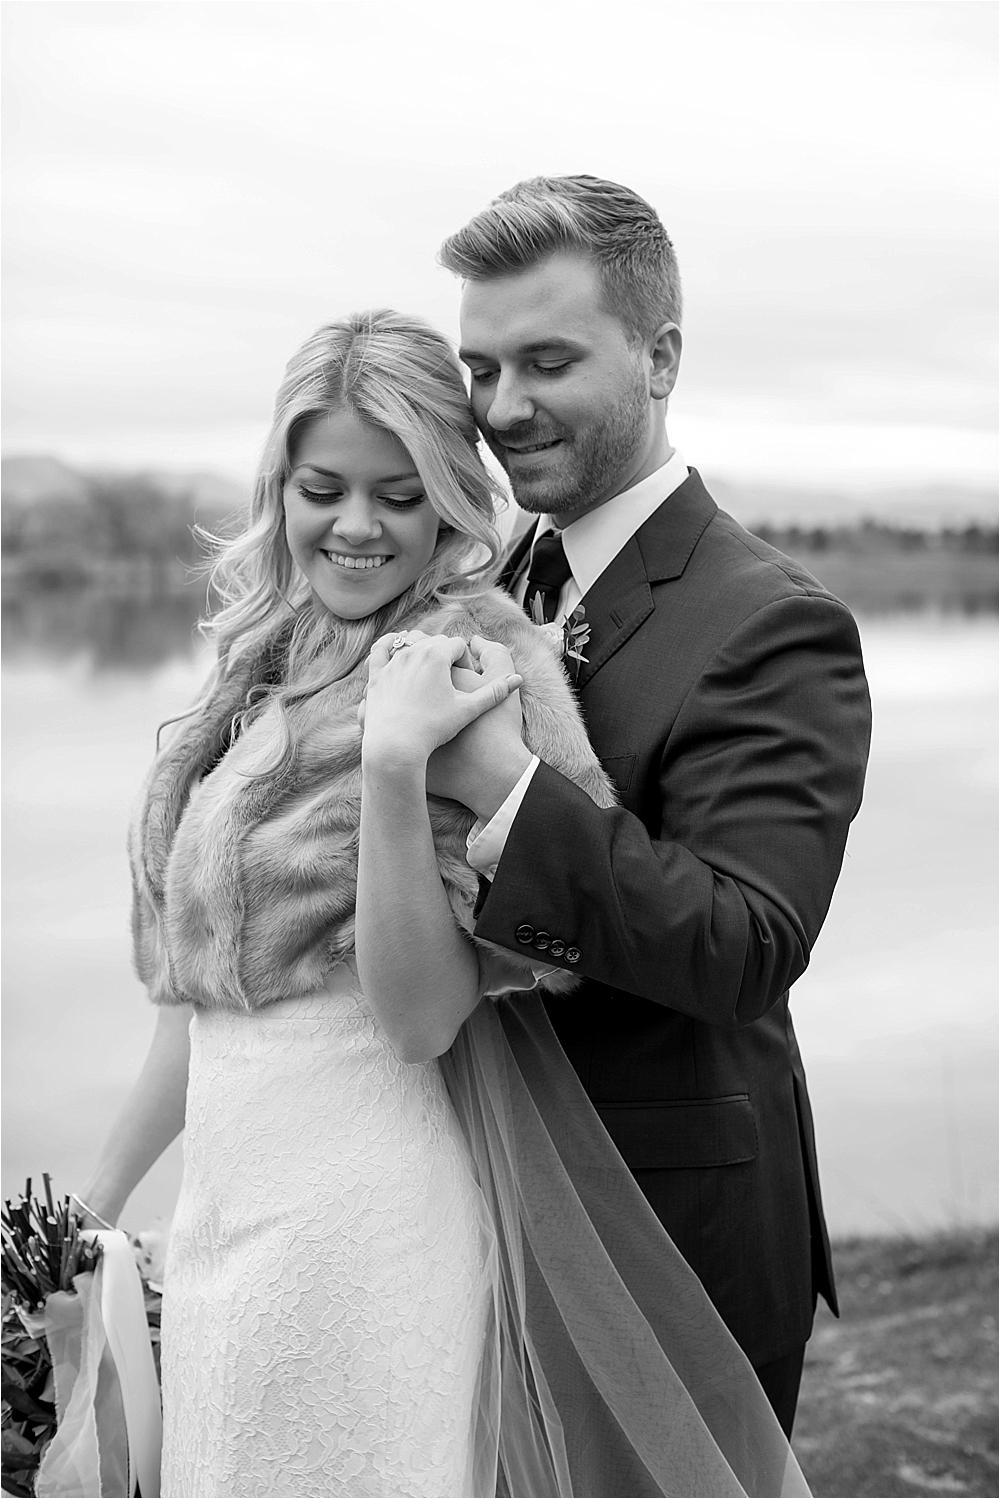 Lauren + Ben's Raccoon Creek Wedding_0058.jpg